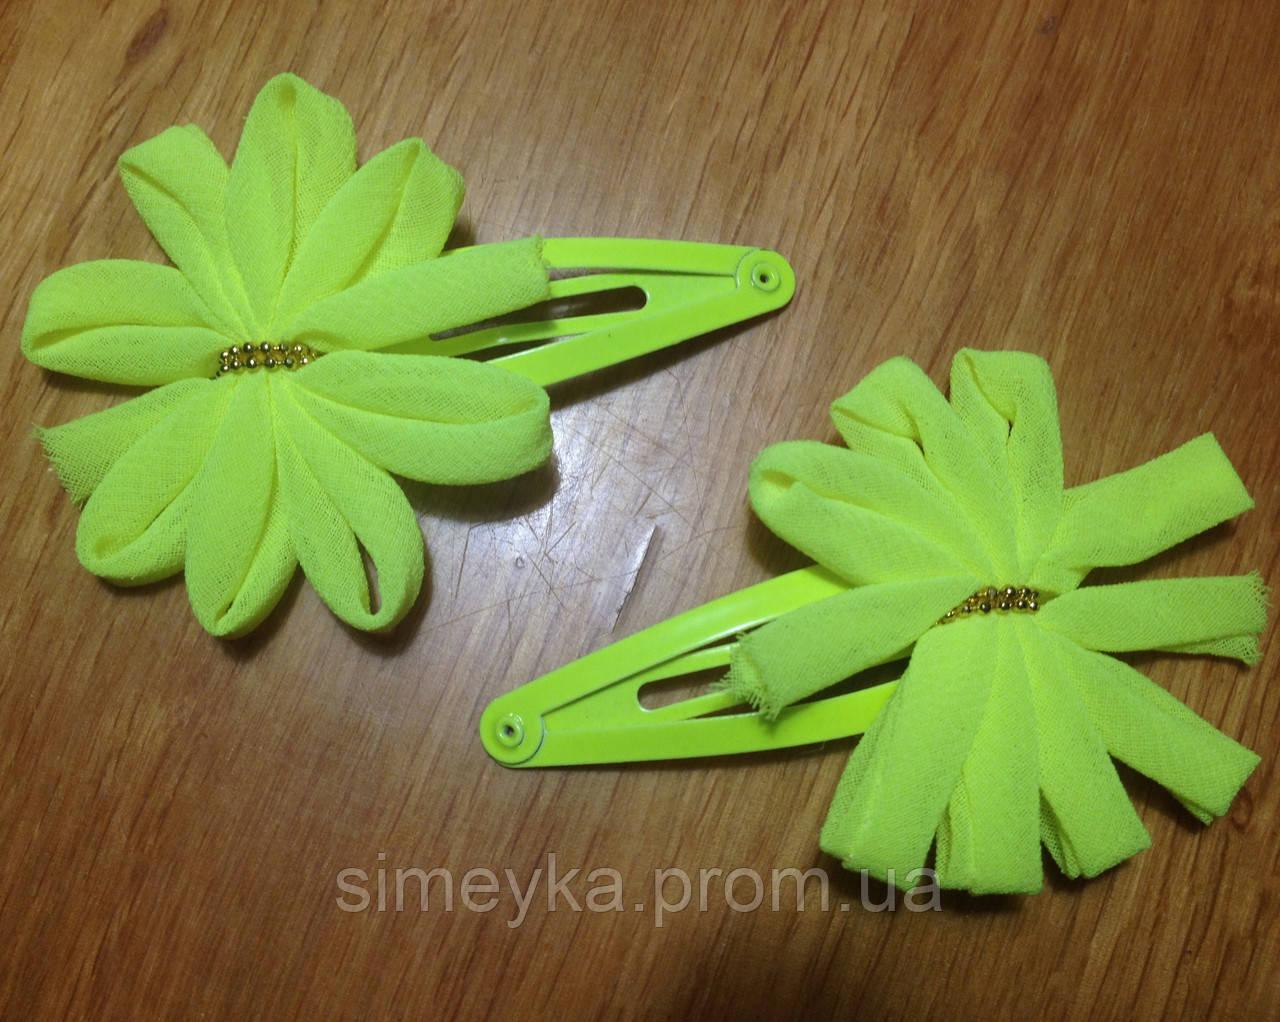 """Защёлка для волос """"тик-так"""" (клик-клак) с цветком, уп. 2 шт. (пара). Ярко-жёлтые неоновые (в реальности ярче)"""